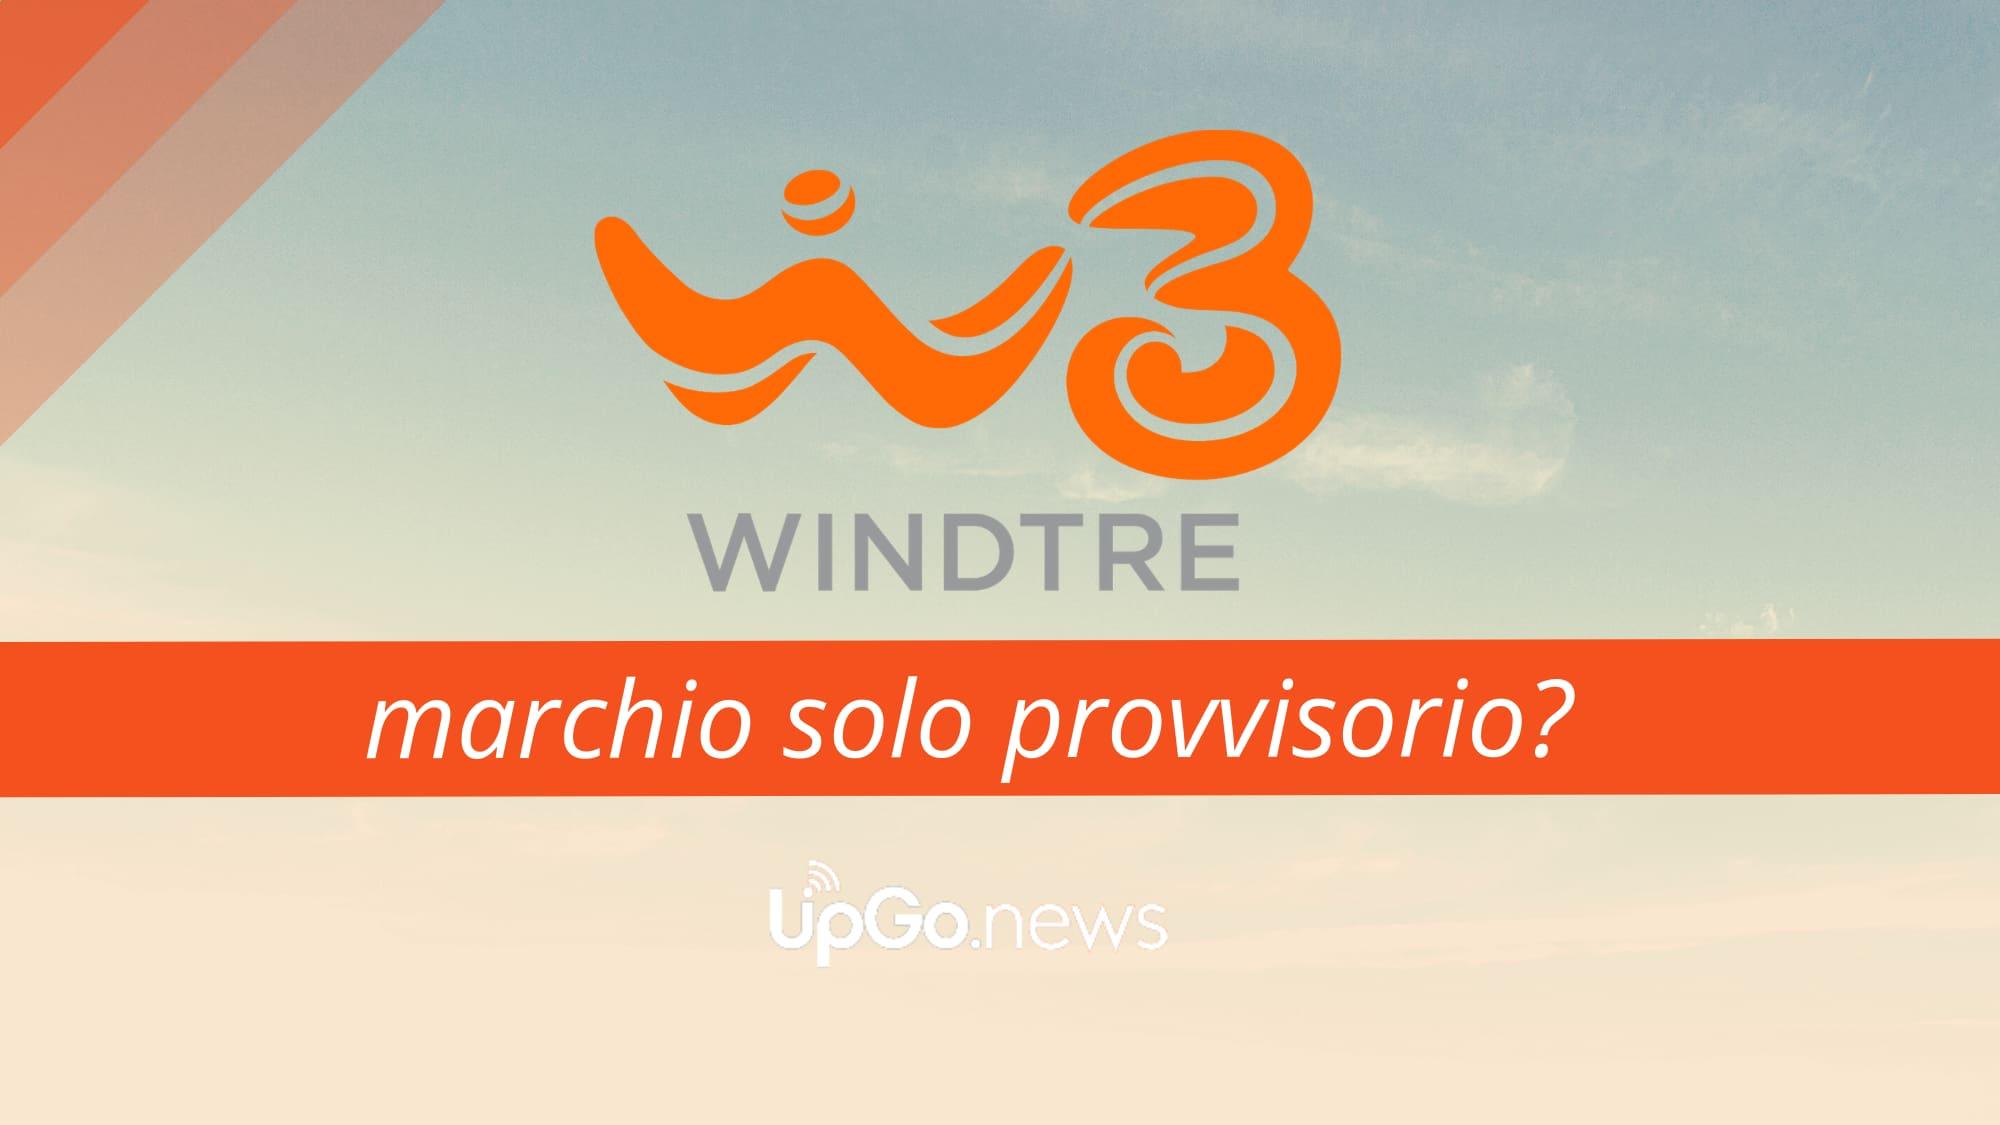 WindTre marchio provvisorio